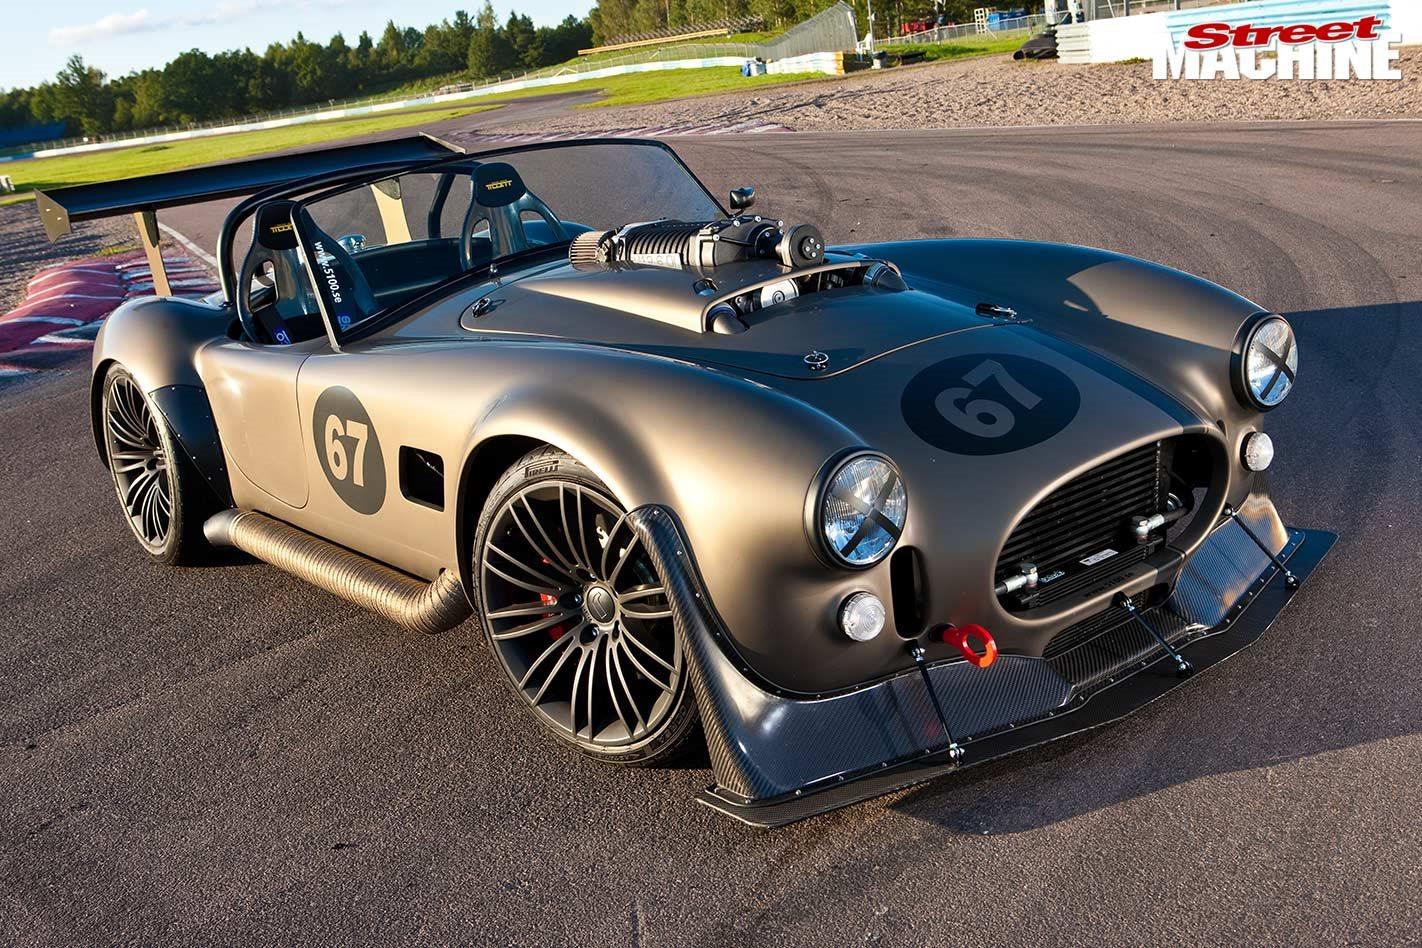 Mercedes-Benz V12-swapped AC Cobra replica